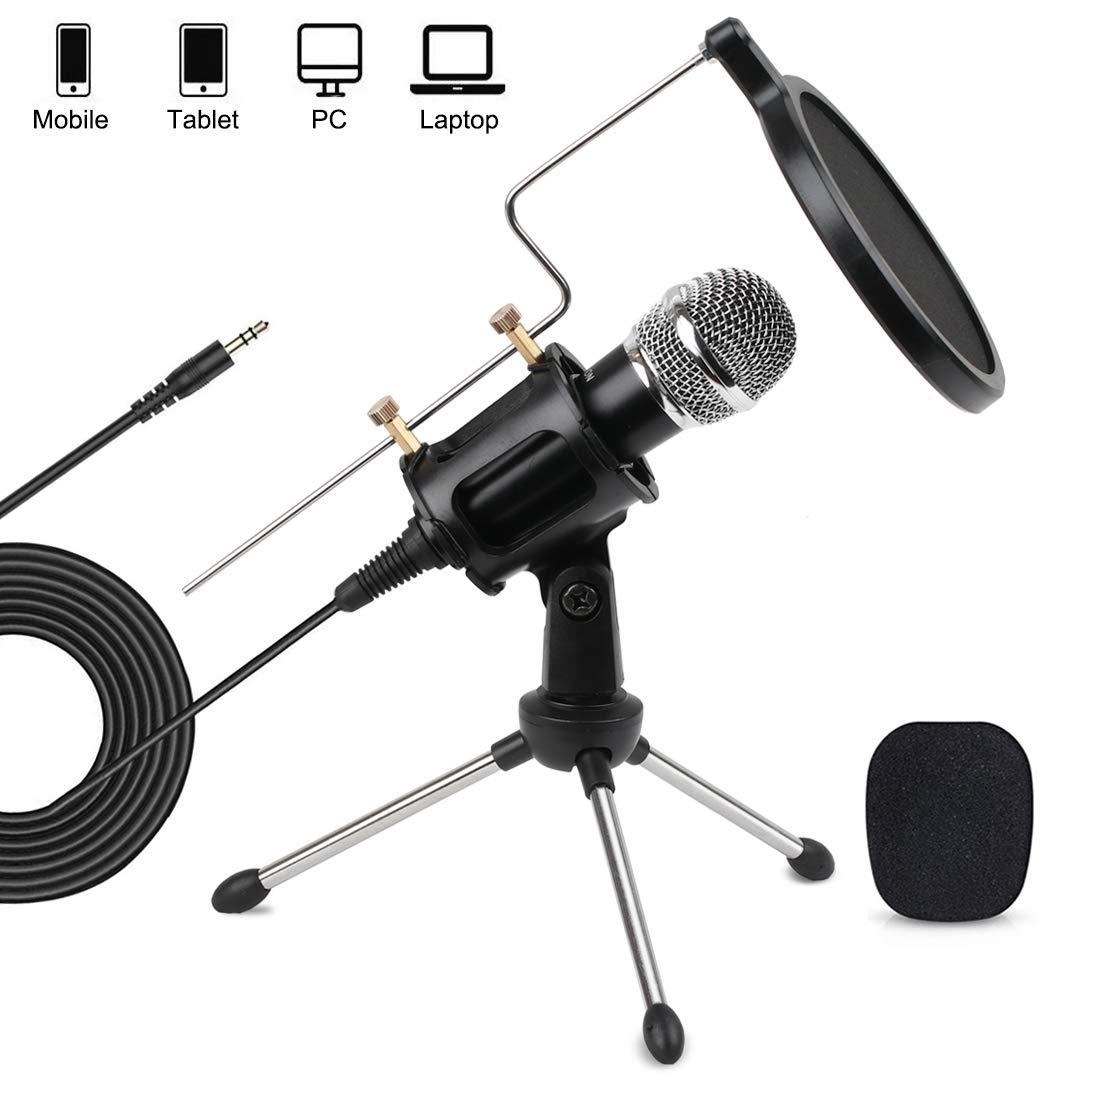 Microfono Usb Mobile Computer Condenser Studio